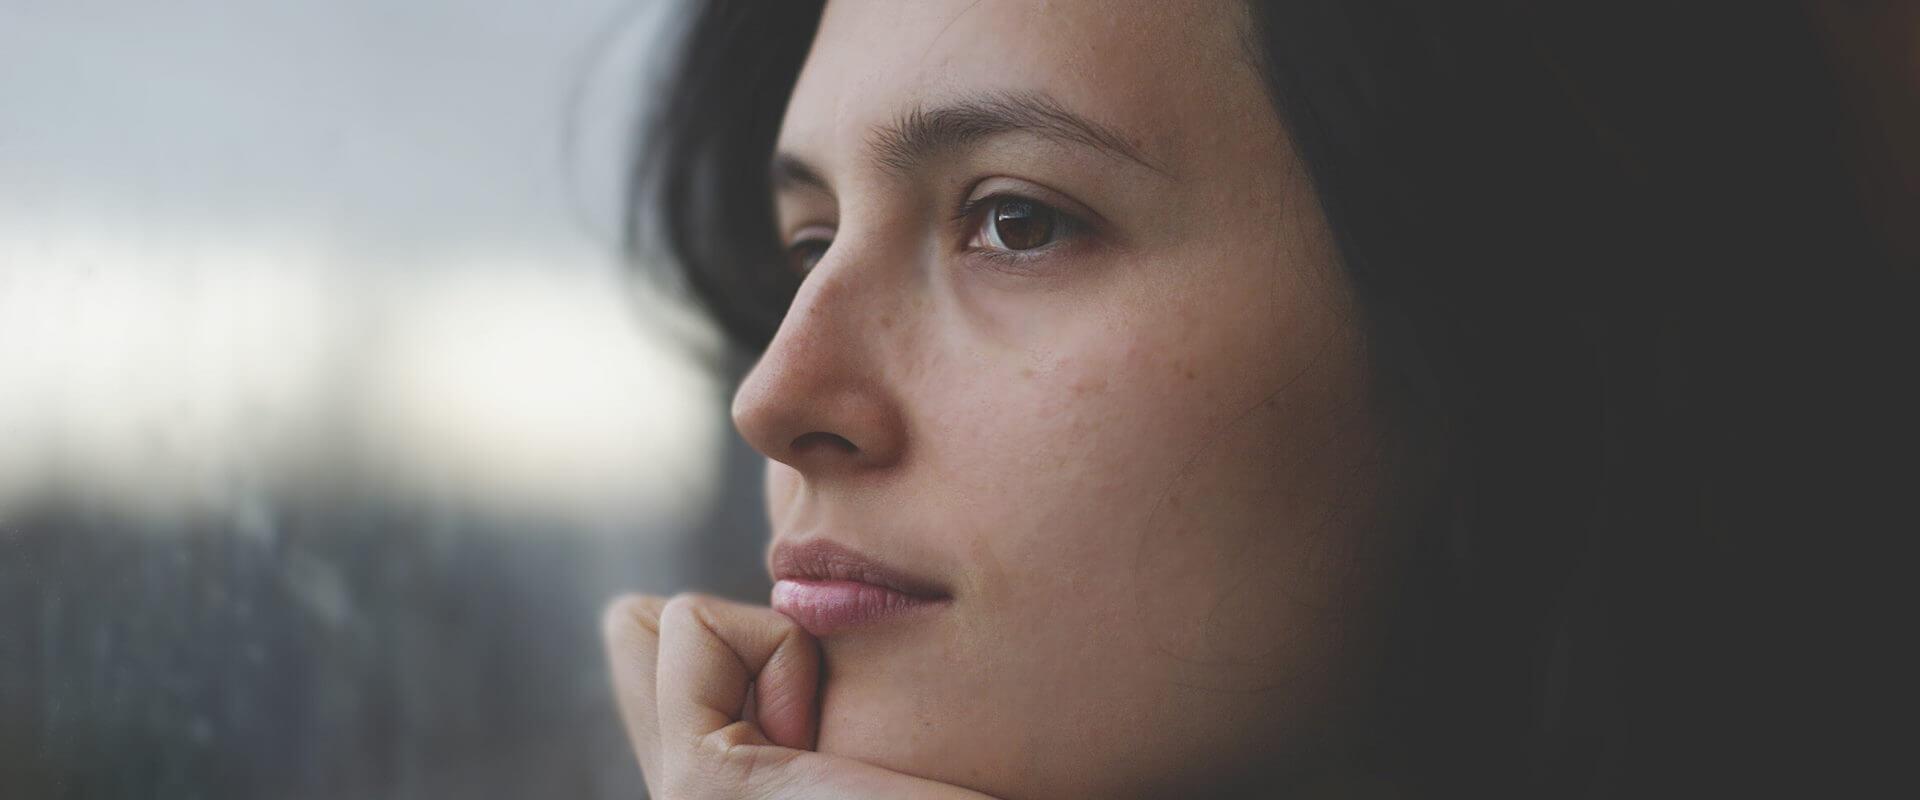 Progesteronmangel Ursachen - Teil 2